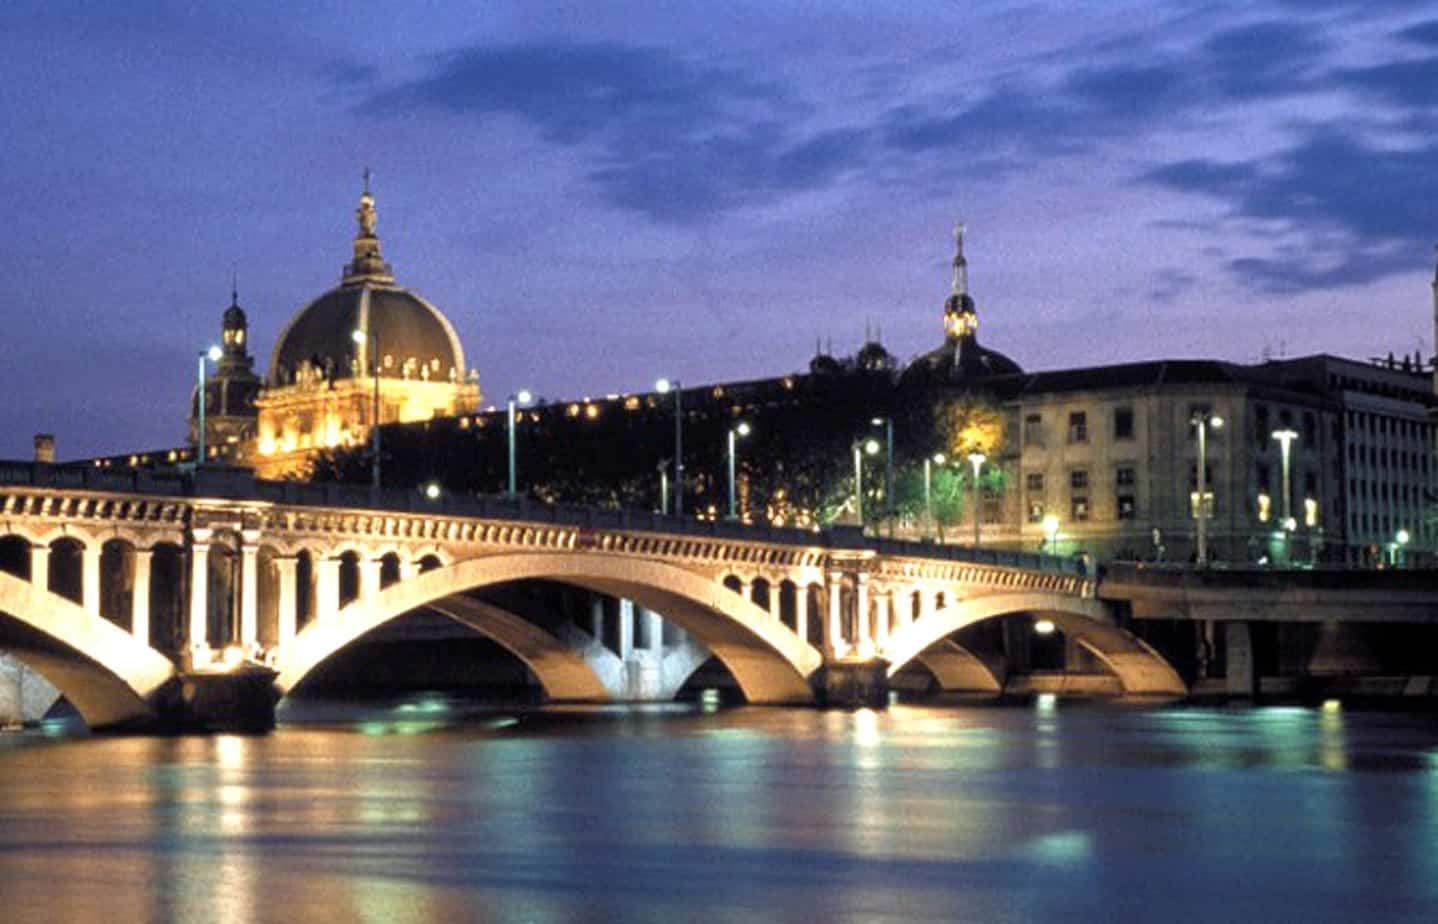 Il rifacimento del ponte in muratura a Lione